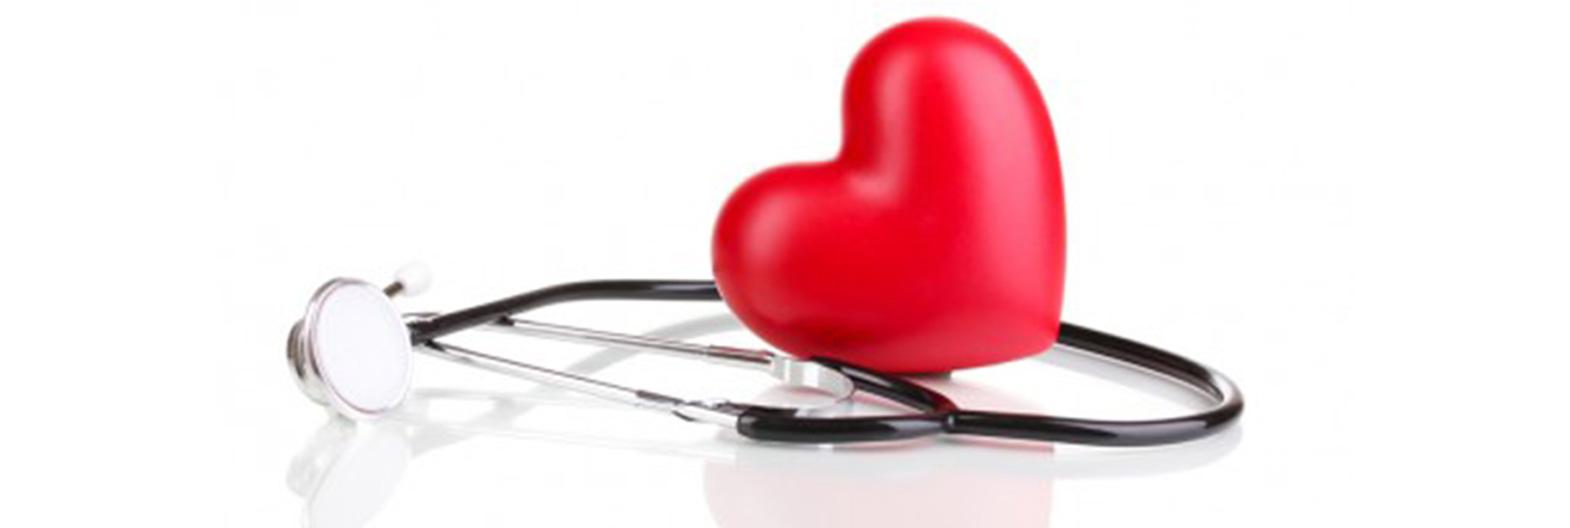 jodo ir hipertenzijos apžvalgos išoriniai hipertenzijos požymiai